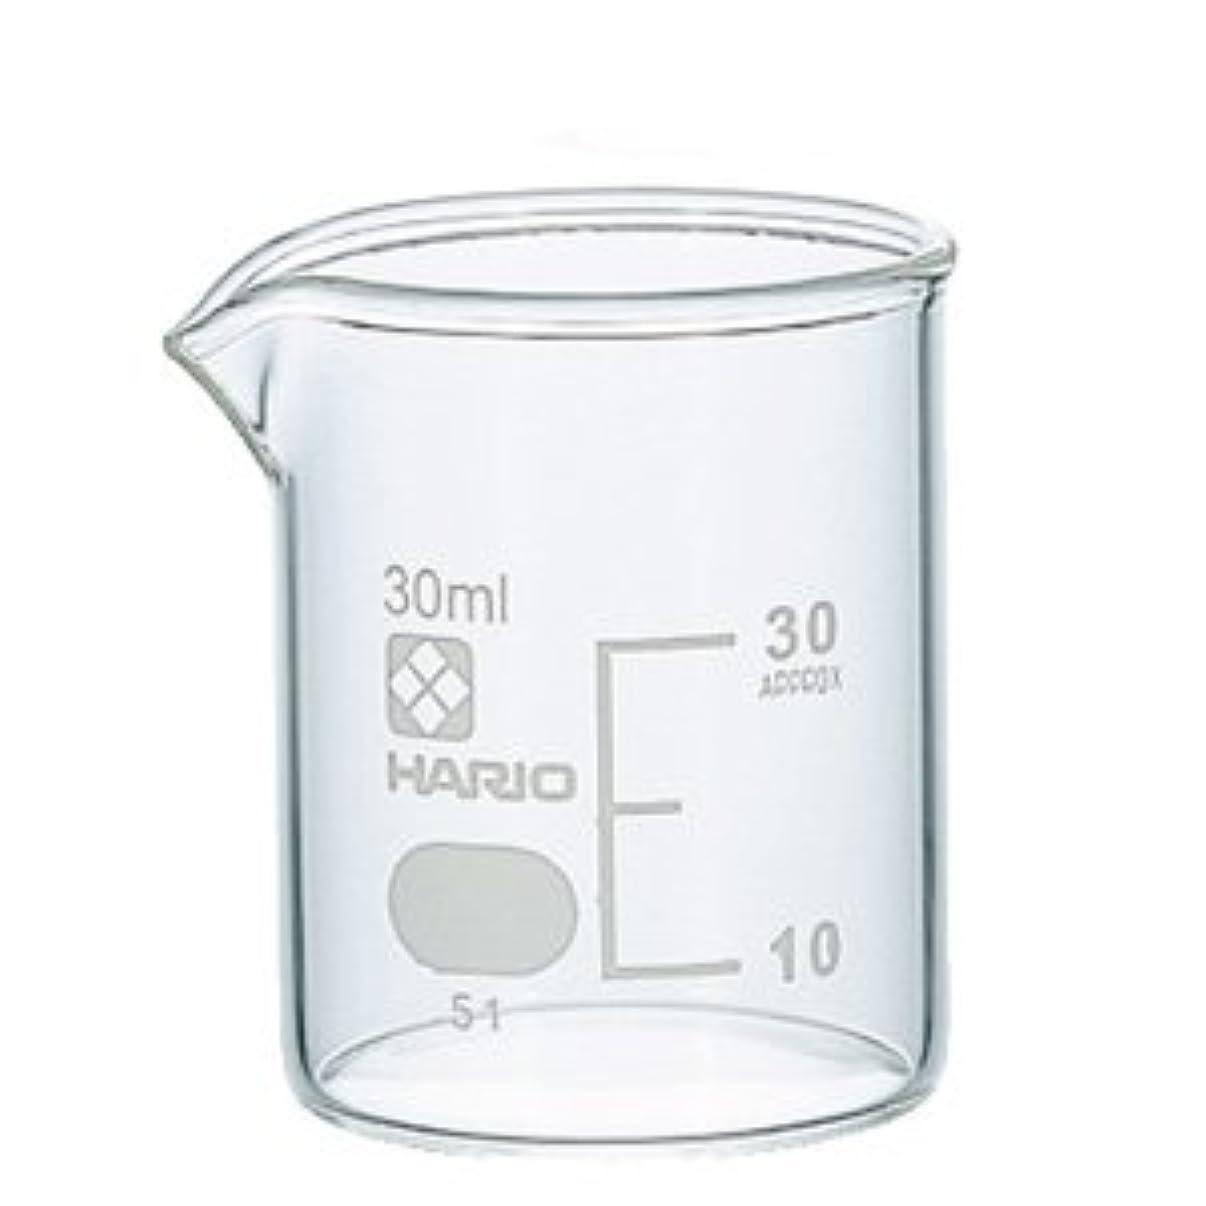 できる犯罪静けさガラスビーカー 30ml 【手作り石鹸/手作りコスメ/手作り化粧品】